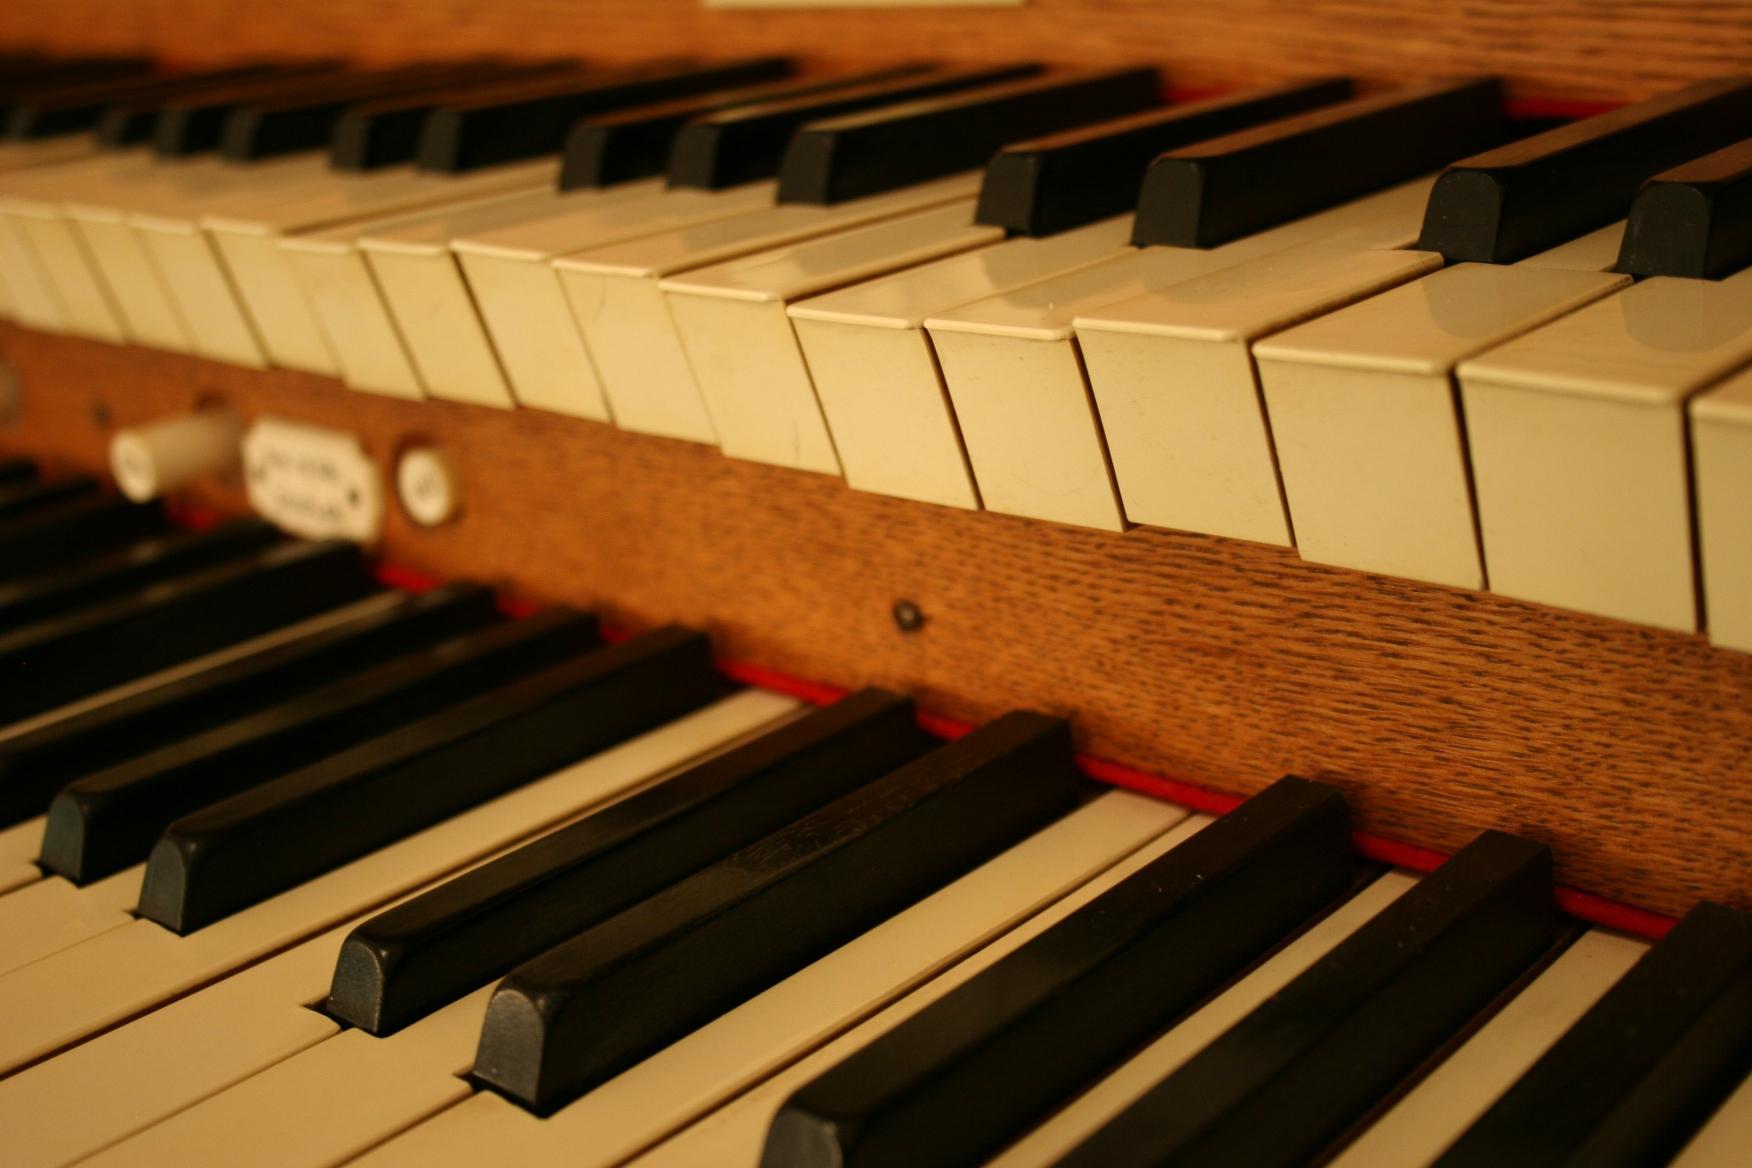 copy-of-organ-keys